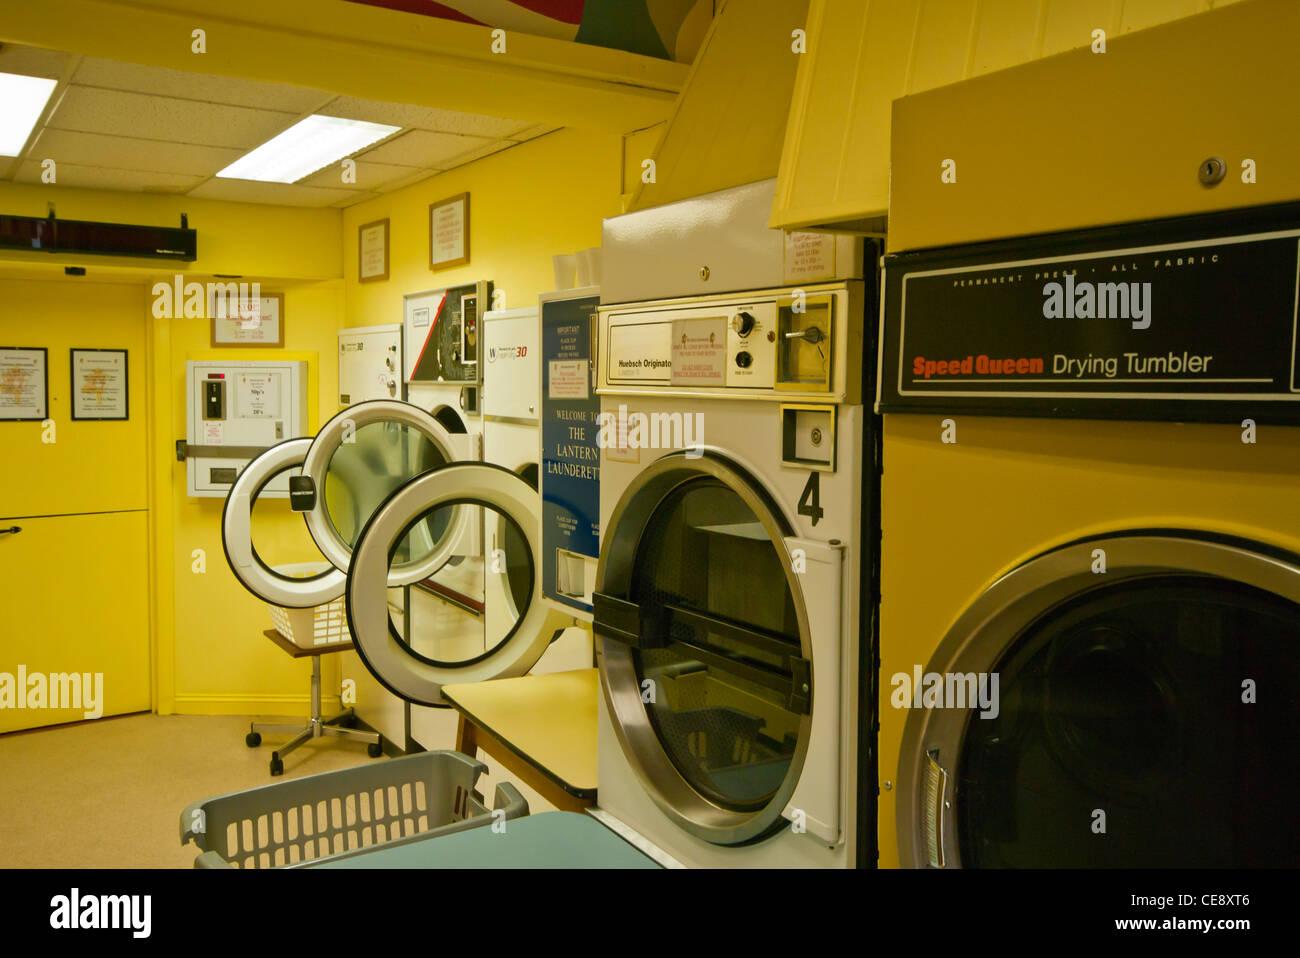 Wäschetrockner trockner waschmaschinen in einem waschsalon